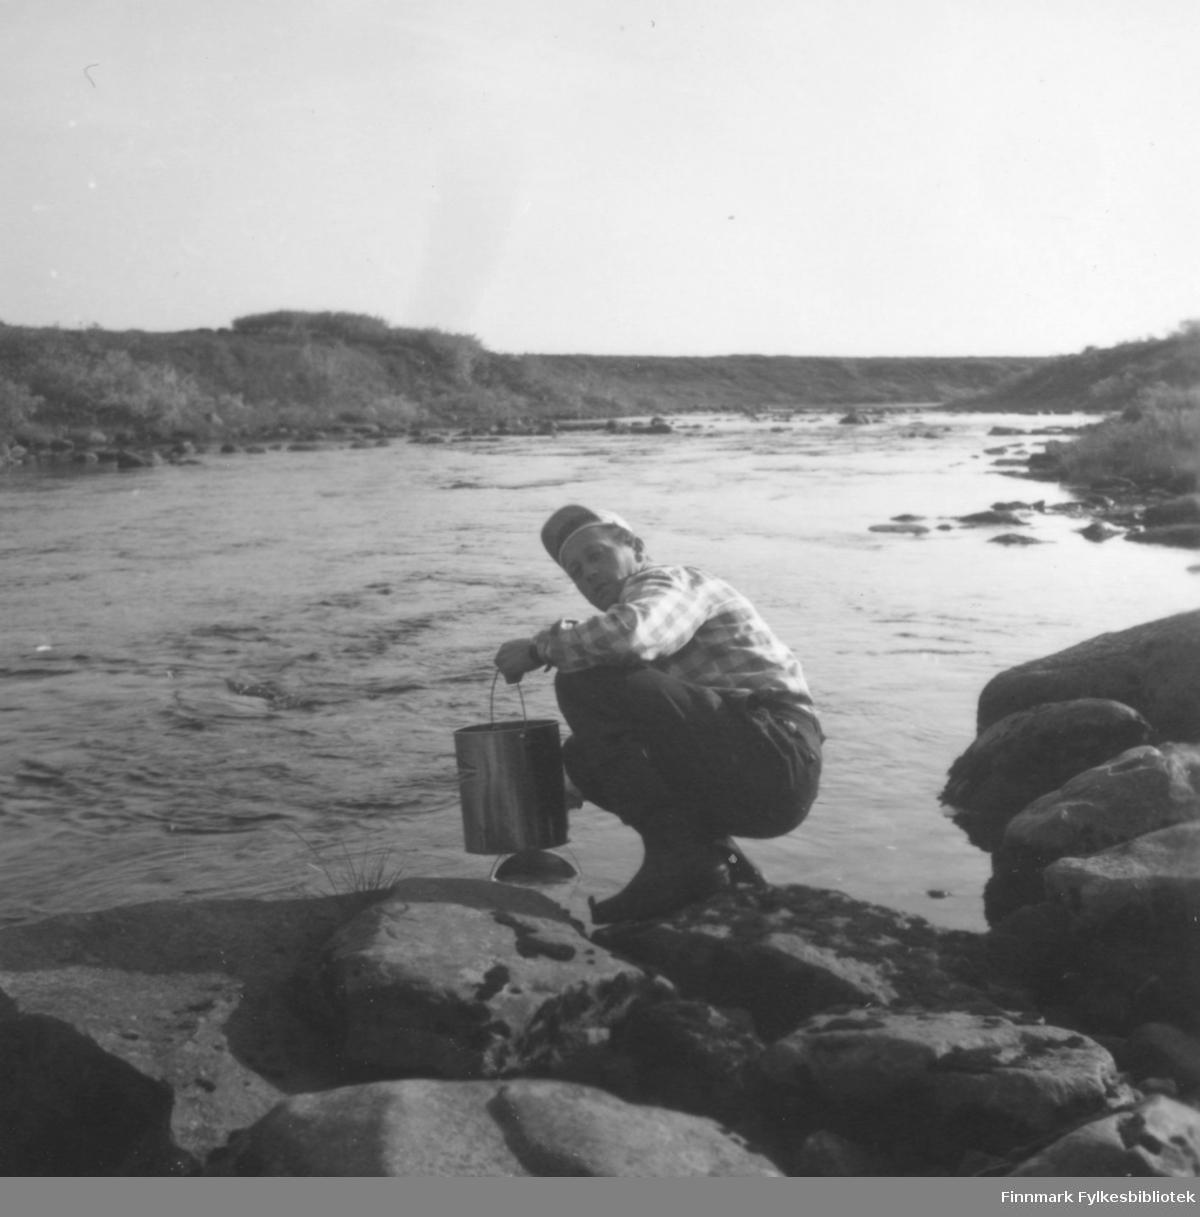 Fritz Ebeltoft henter vann i Ridelva, ca. 1962-1963. Familien hadde hytte i Skallelv